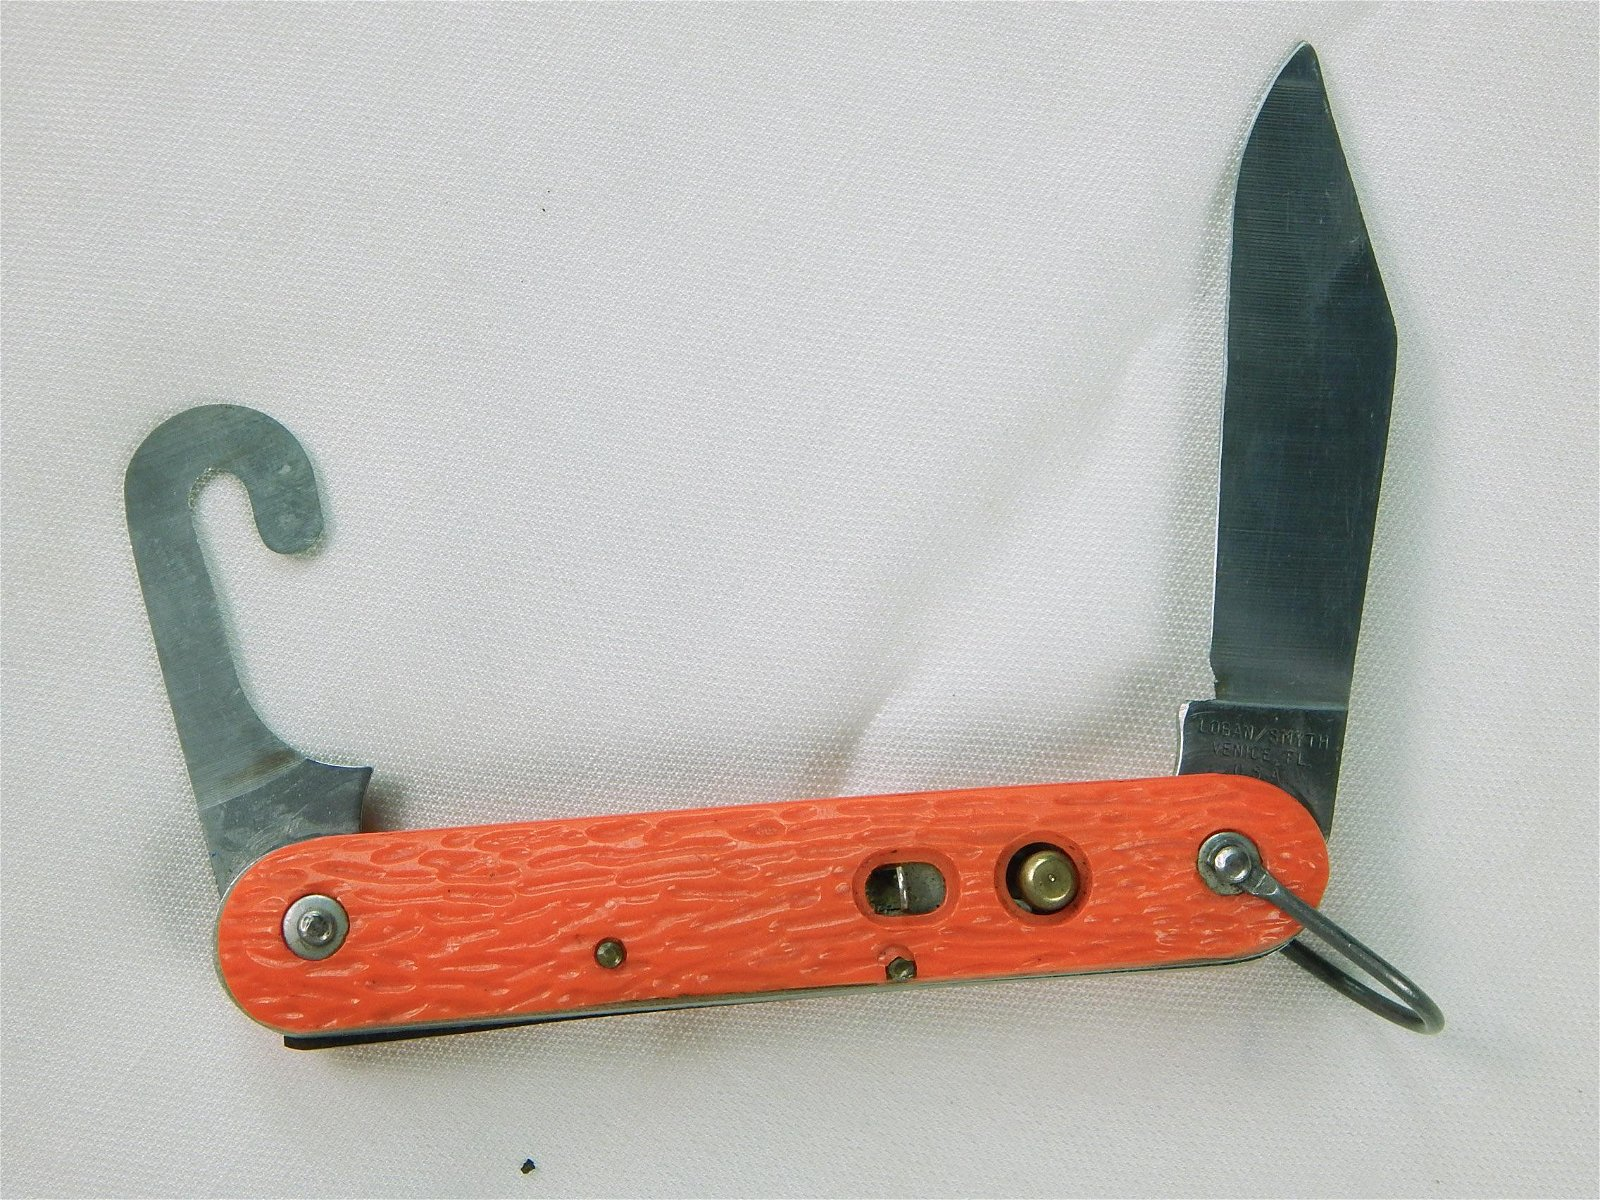 US Vintage Logan Smyth Survival Folding Pocket Knife